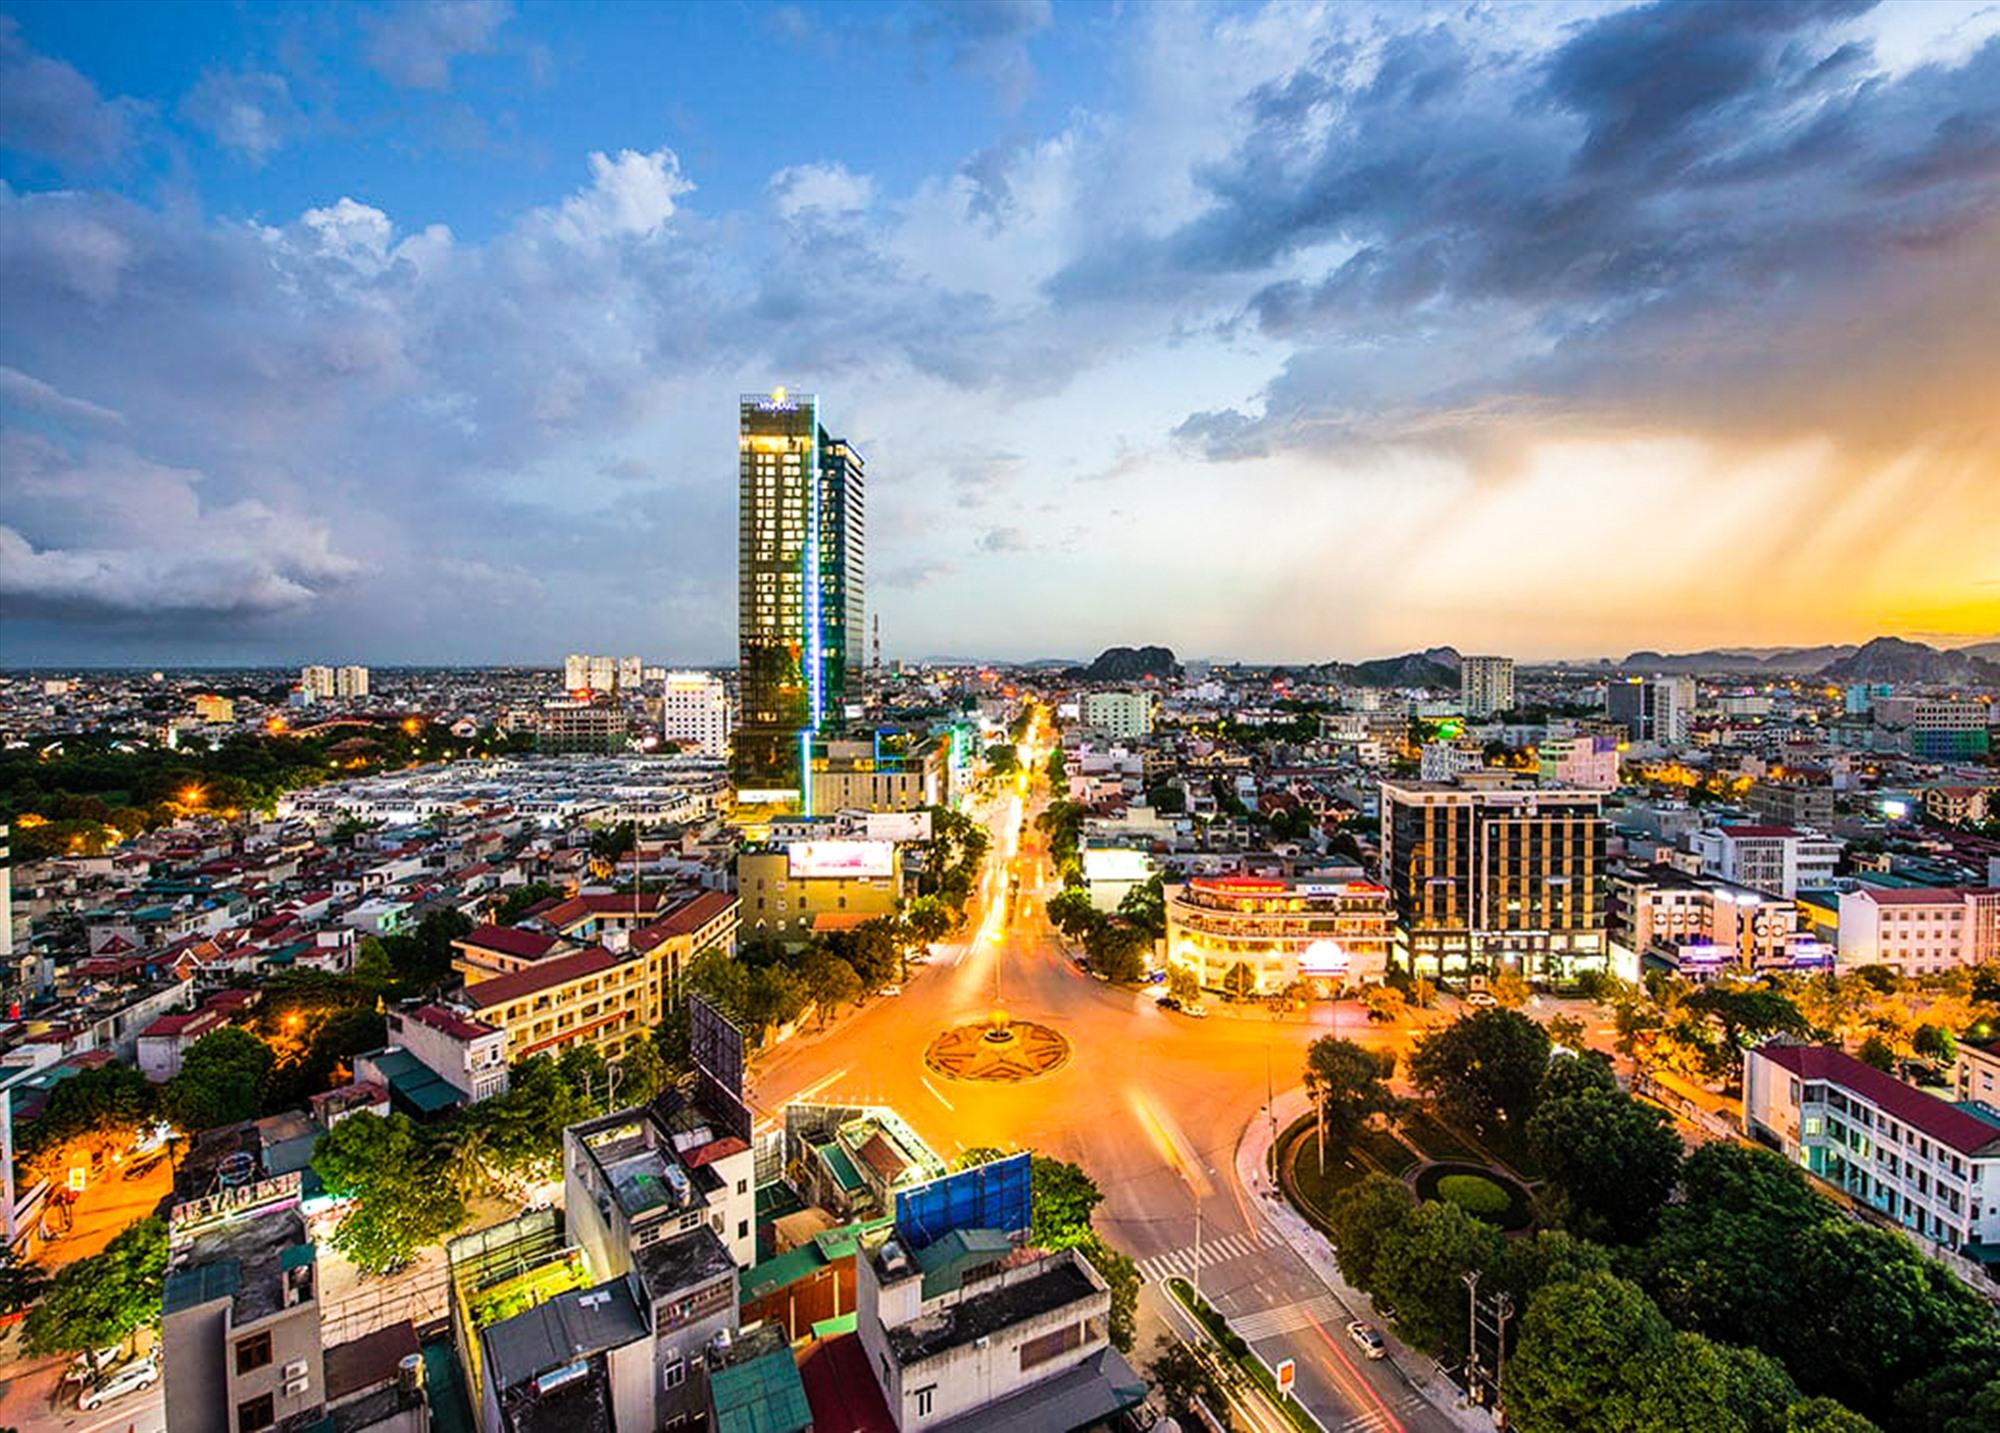 Khách sạn Thăng Long toạ lạc tại Thanh Hoá - nơi có những điểm du lịch thú vị